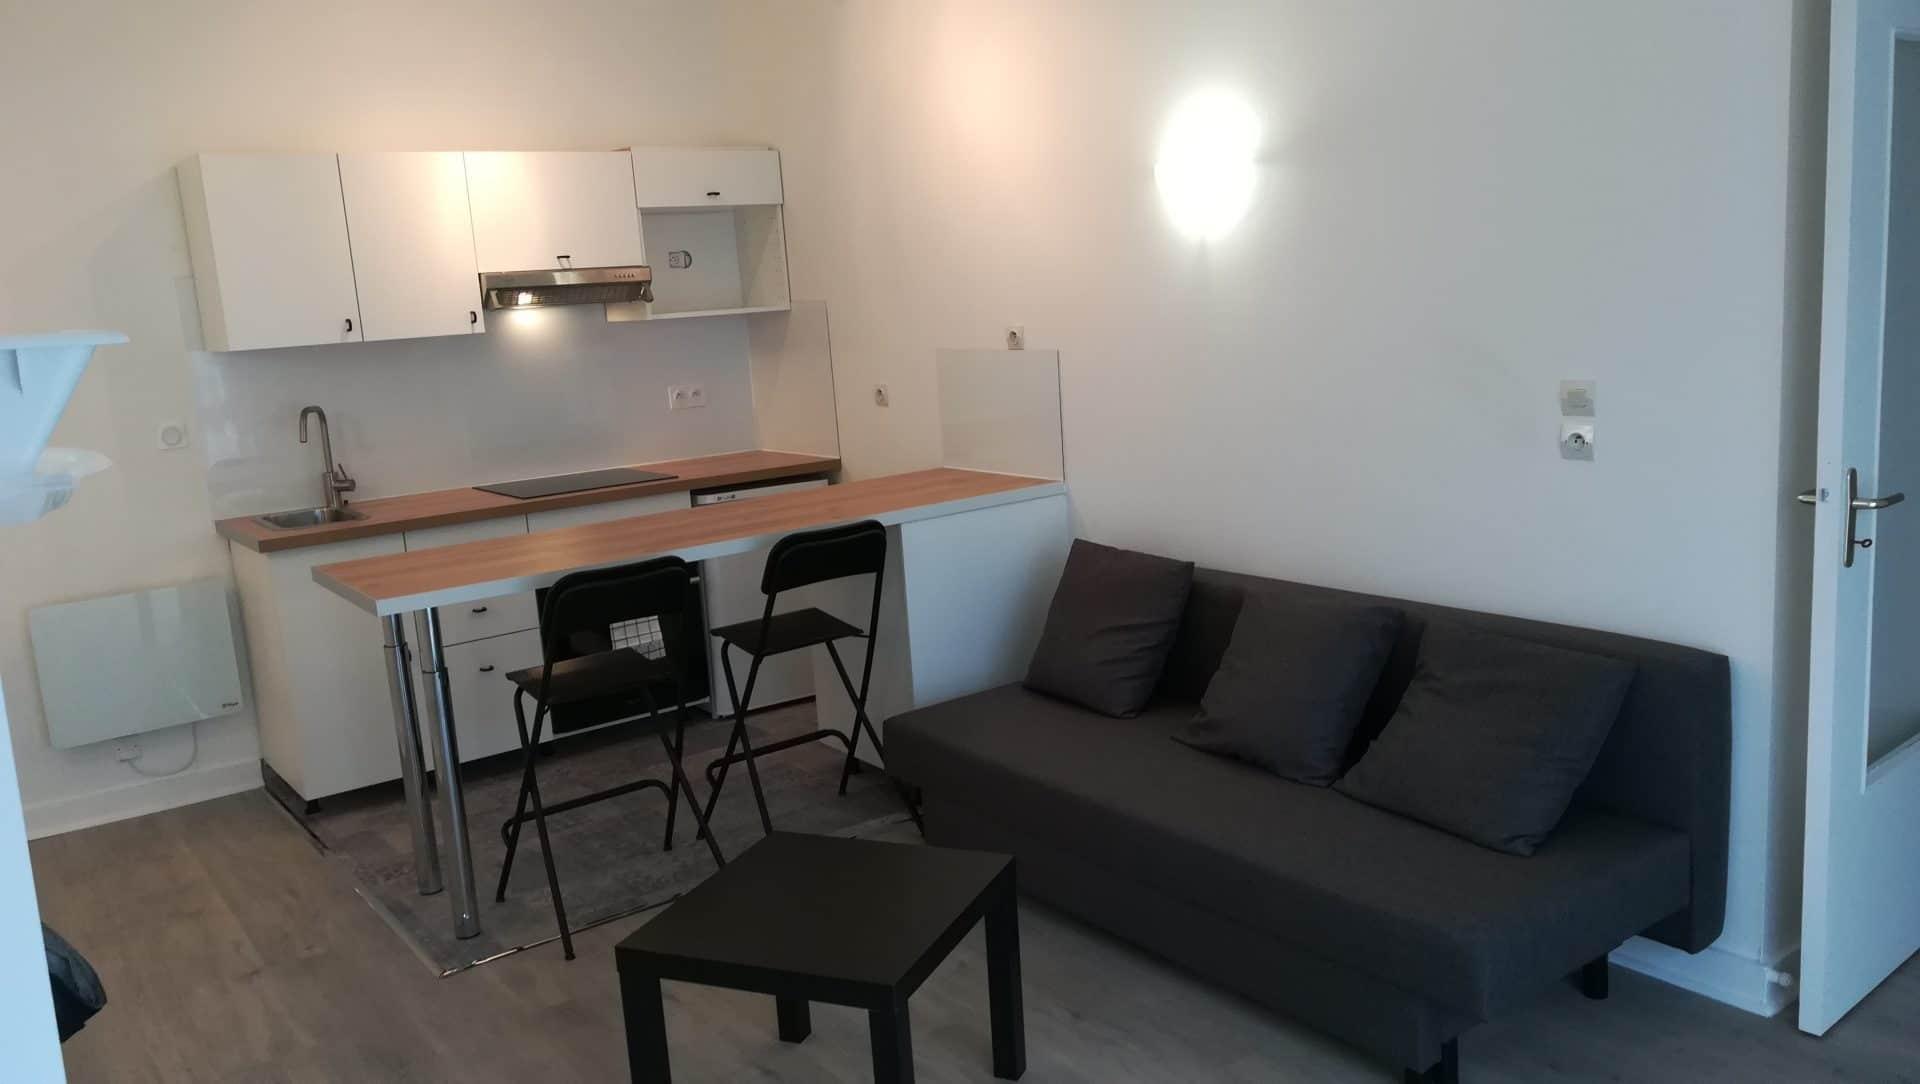 Rénovation de cuisine à Lille (59)